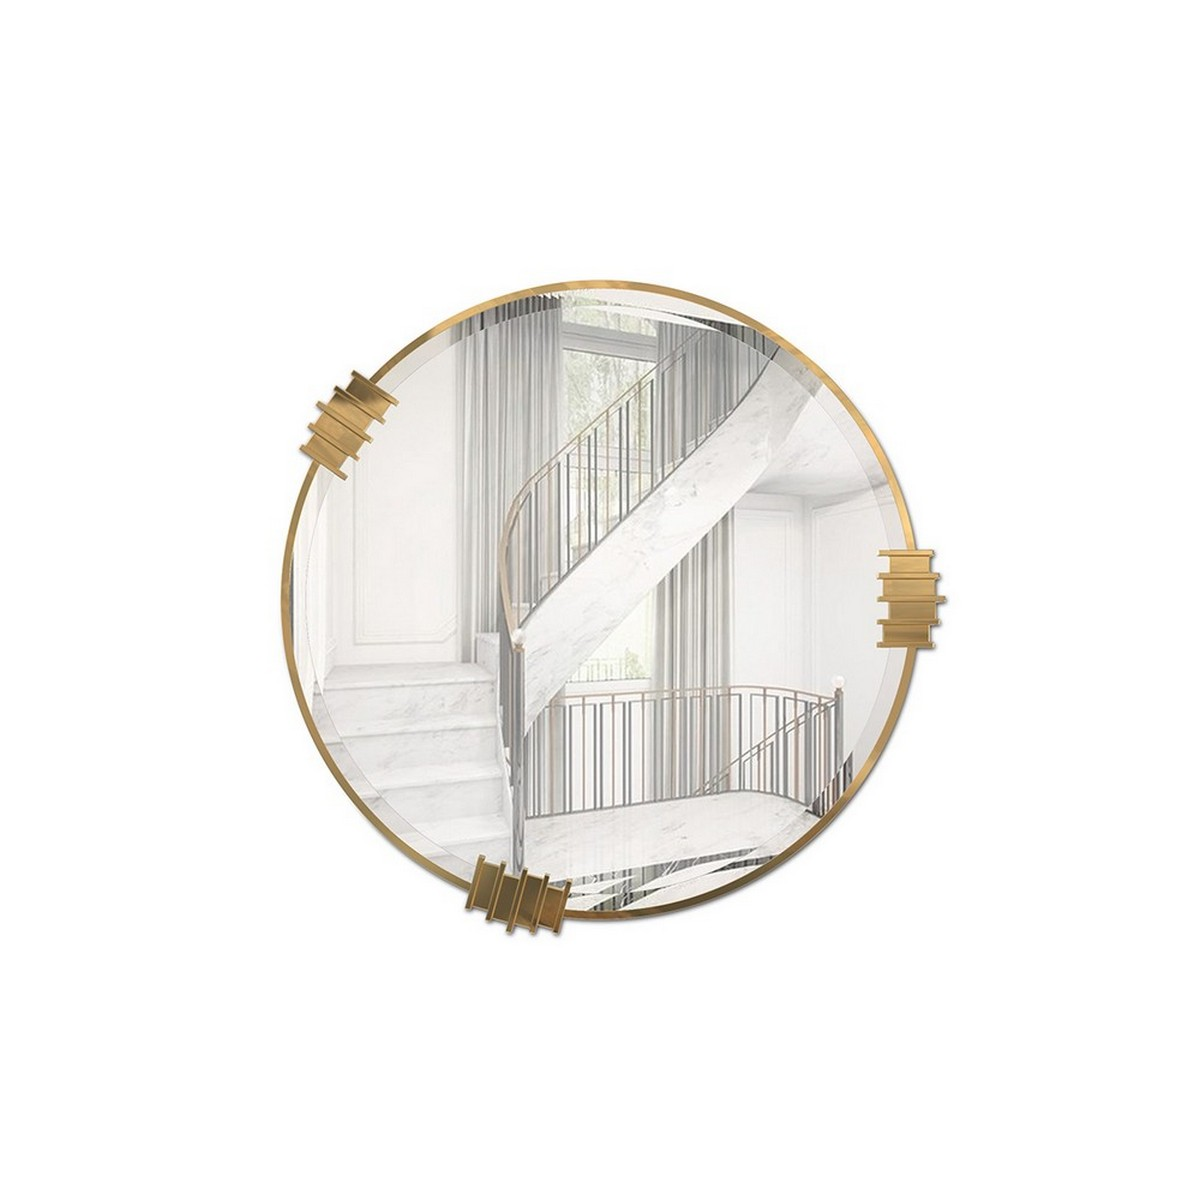 Diseño de Espejos para un proyecto contemporaneo y lujuoso de Comedor [object object] Diseño de Espejos para un proyecto contemporaneo y lujuoso de Comedor vertigo mirror 01